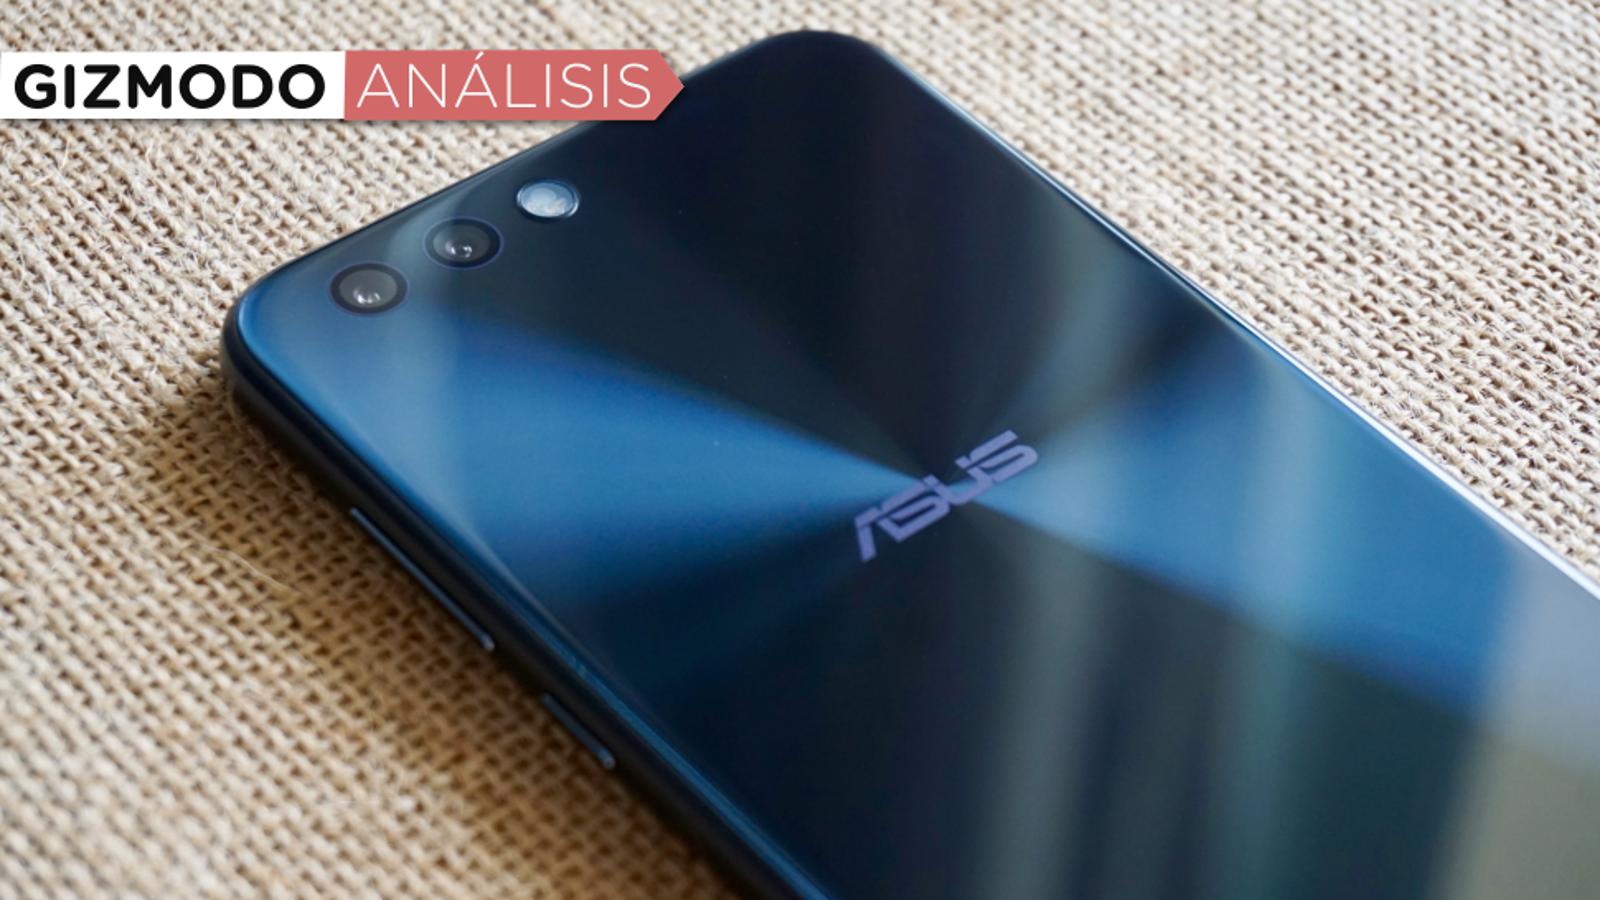 Zenfone 4, análisis: no hace falta gastarse mil dólares en un teléfono que haga buenas fotos